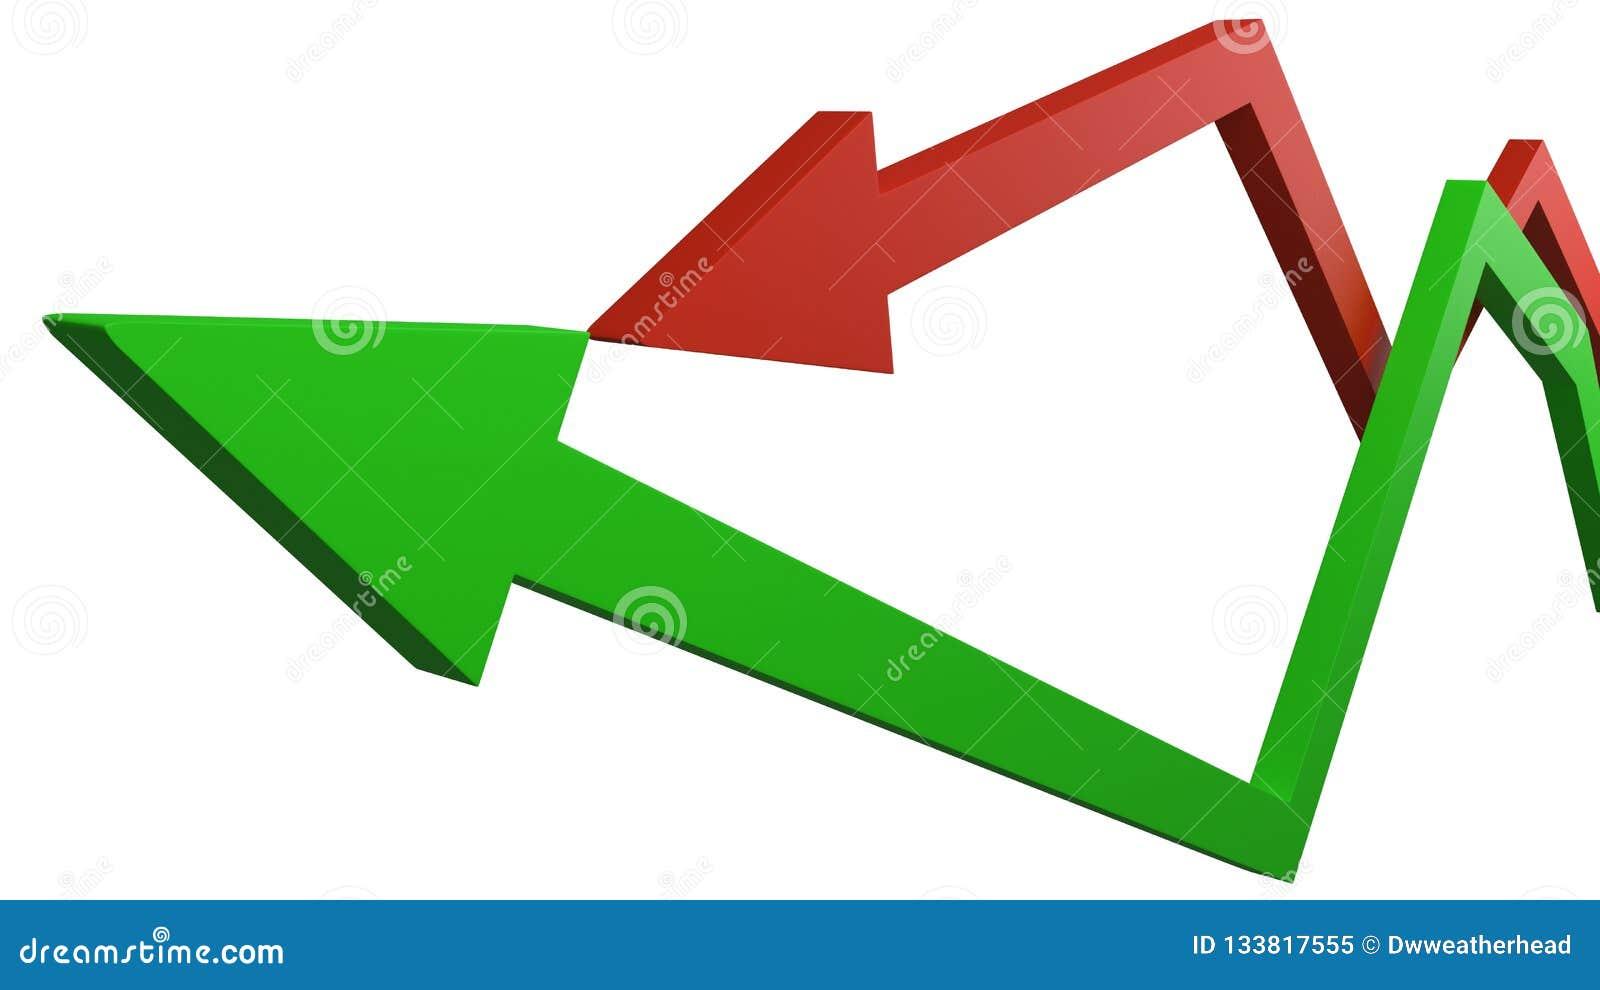 Setas verdes e vermelhas que representam ganhos e perdas de flutuação nas finanças da economia ou do negócio